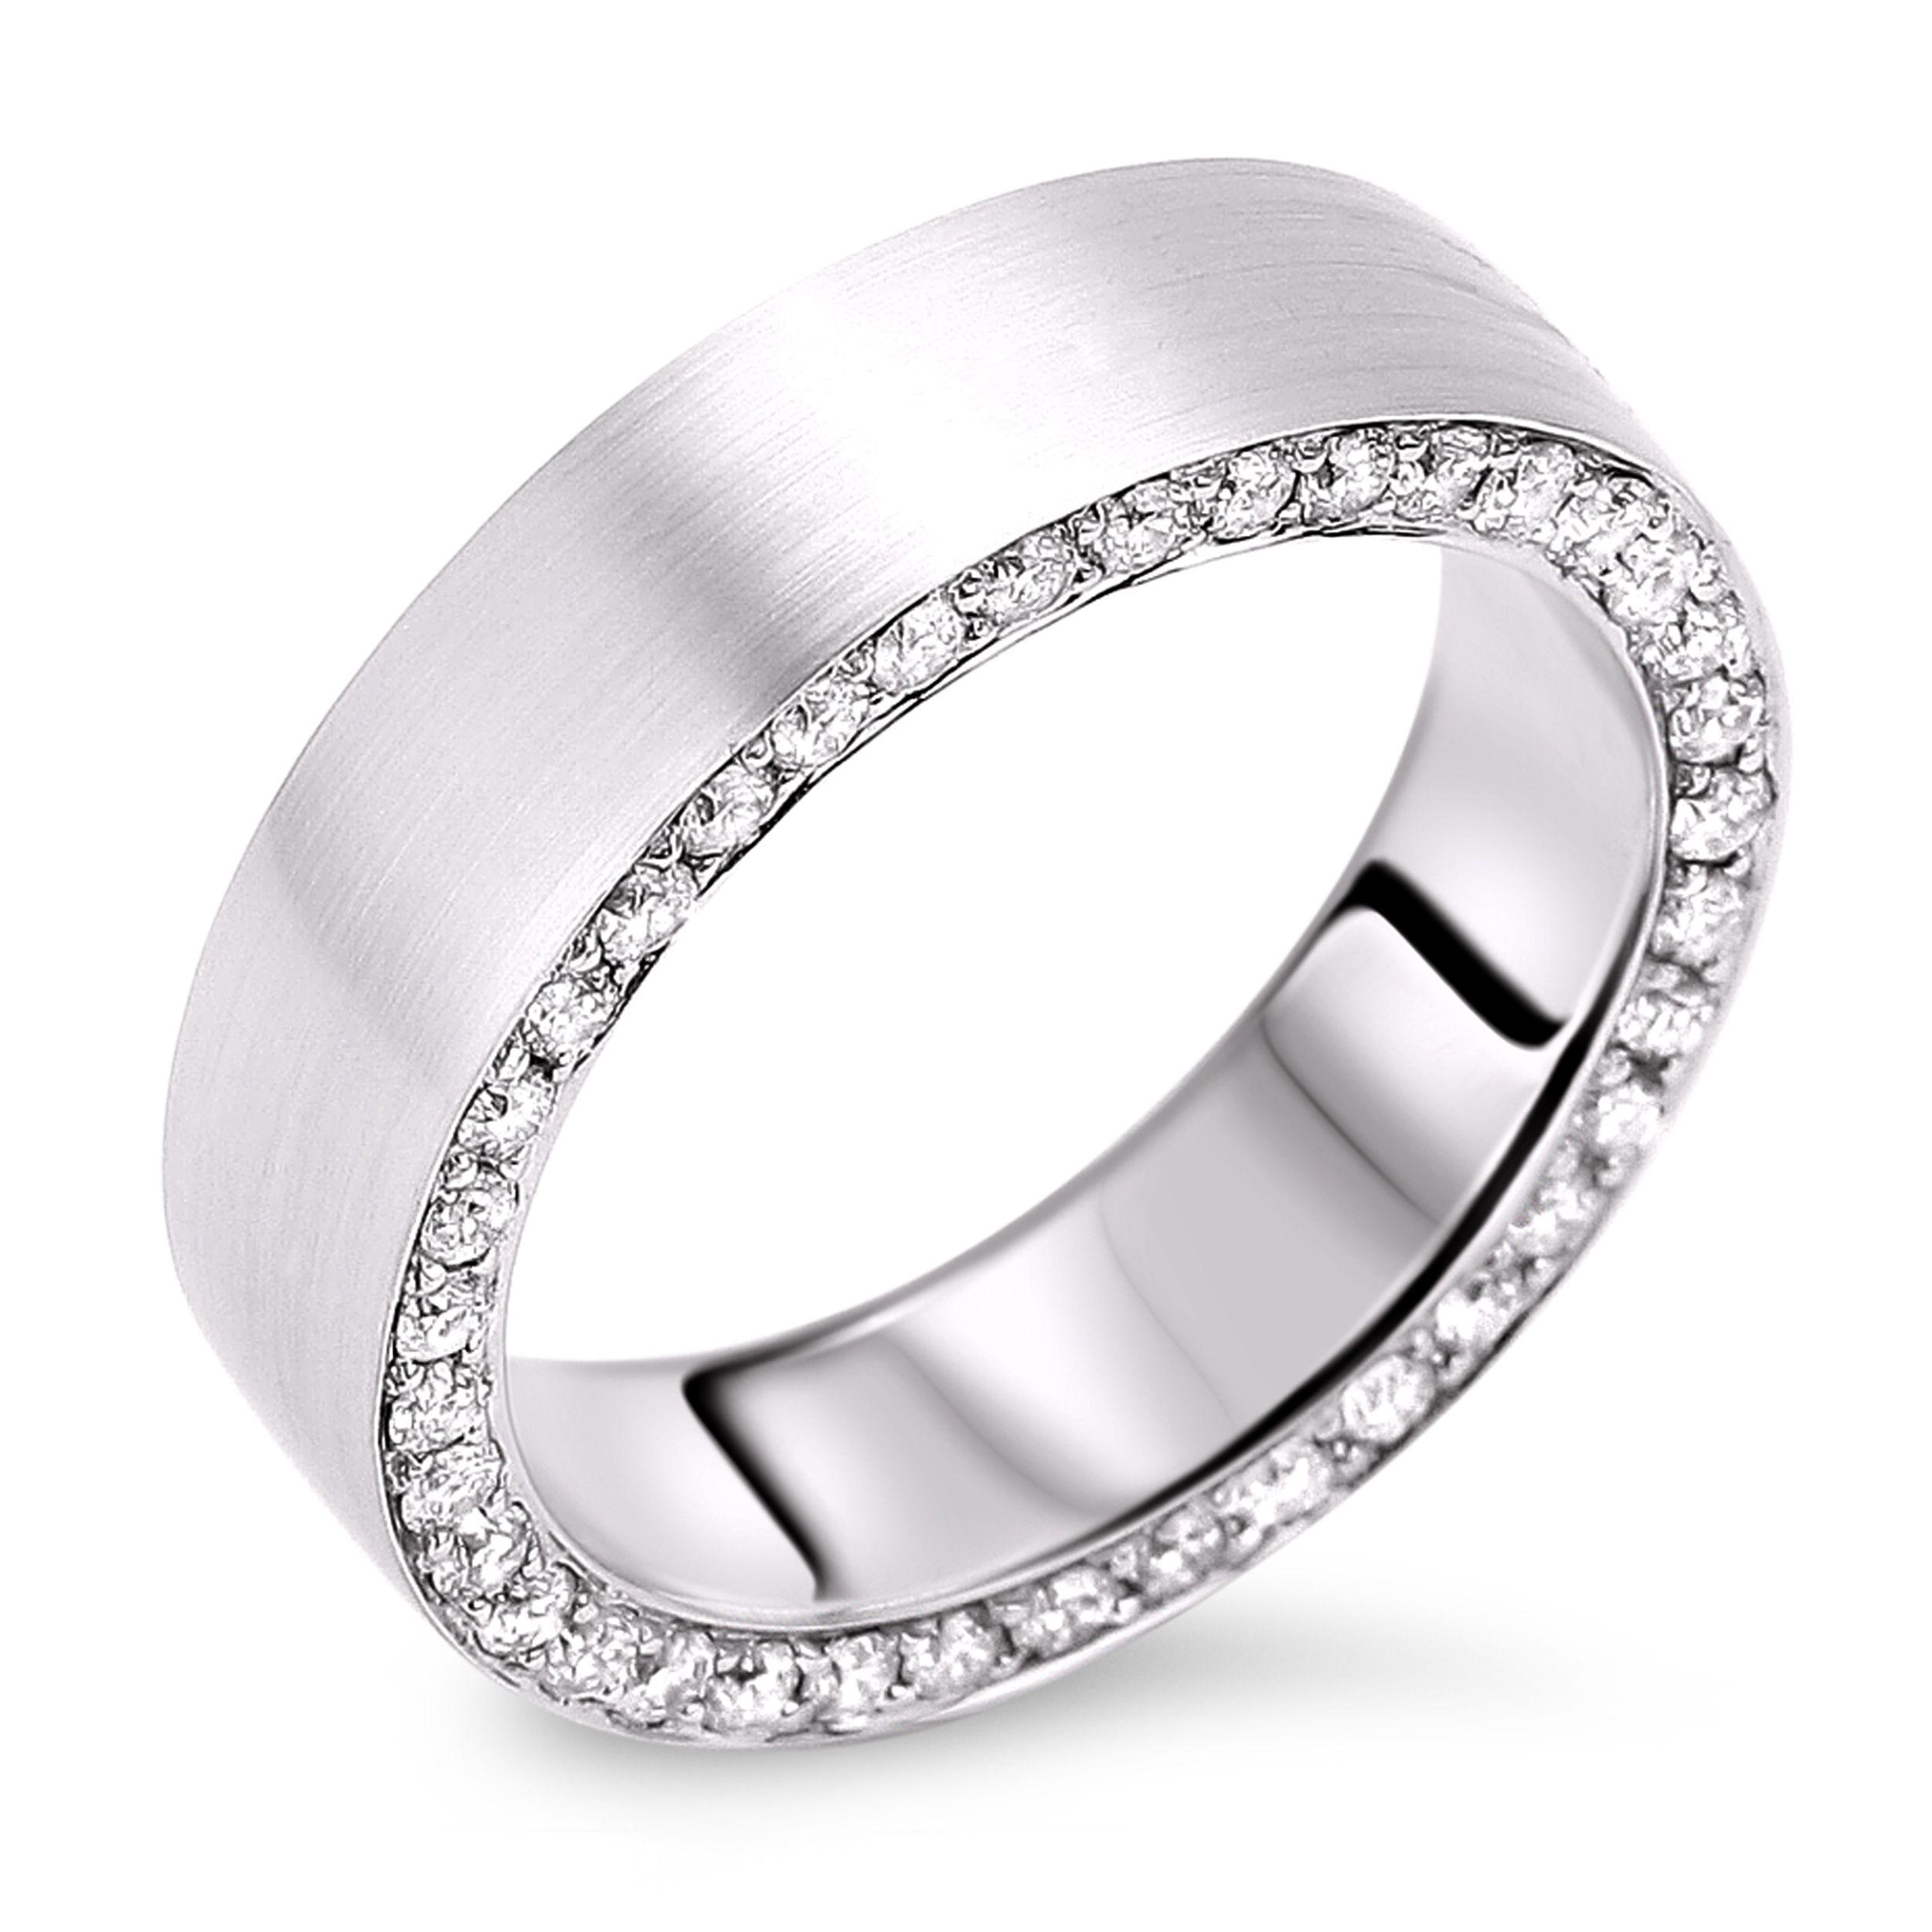 28 stunning wedding ring for groom navokalcom for Wedding ring for groom